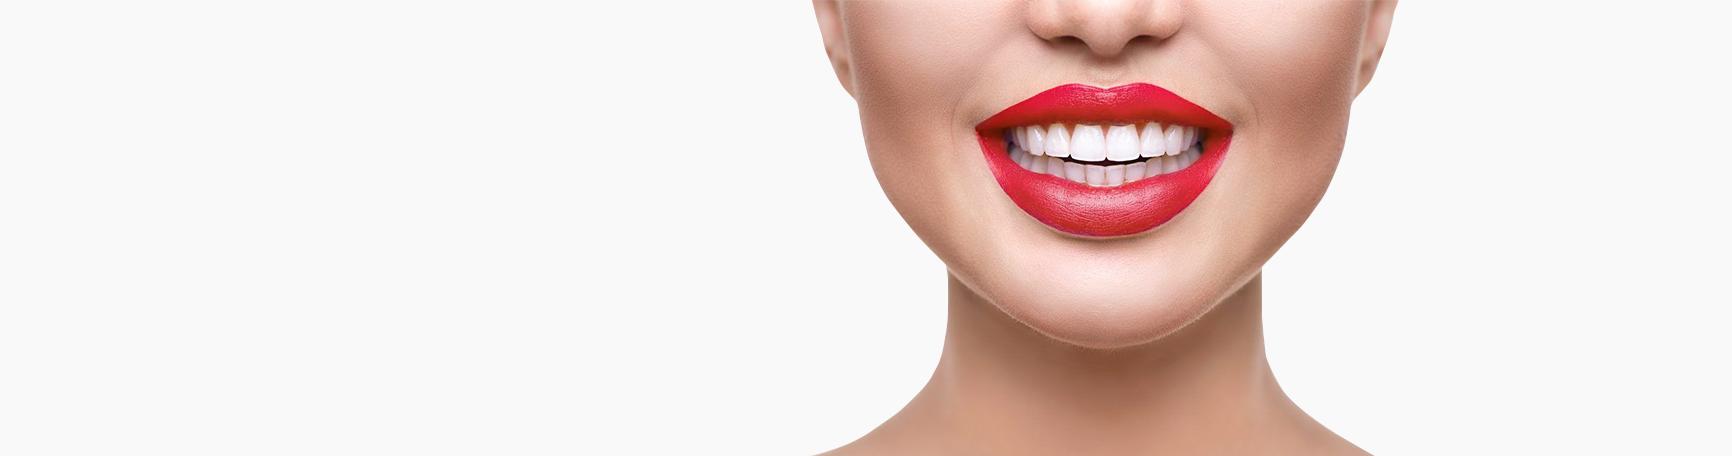 Акция отбеливание зубов opalescence